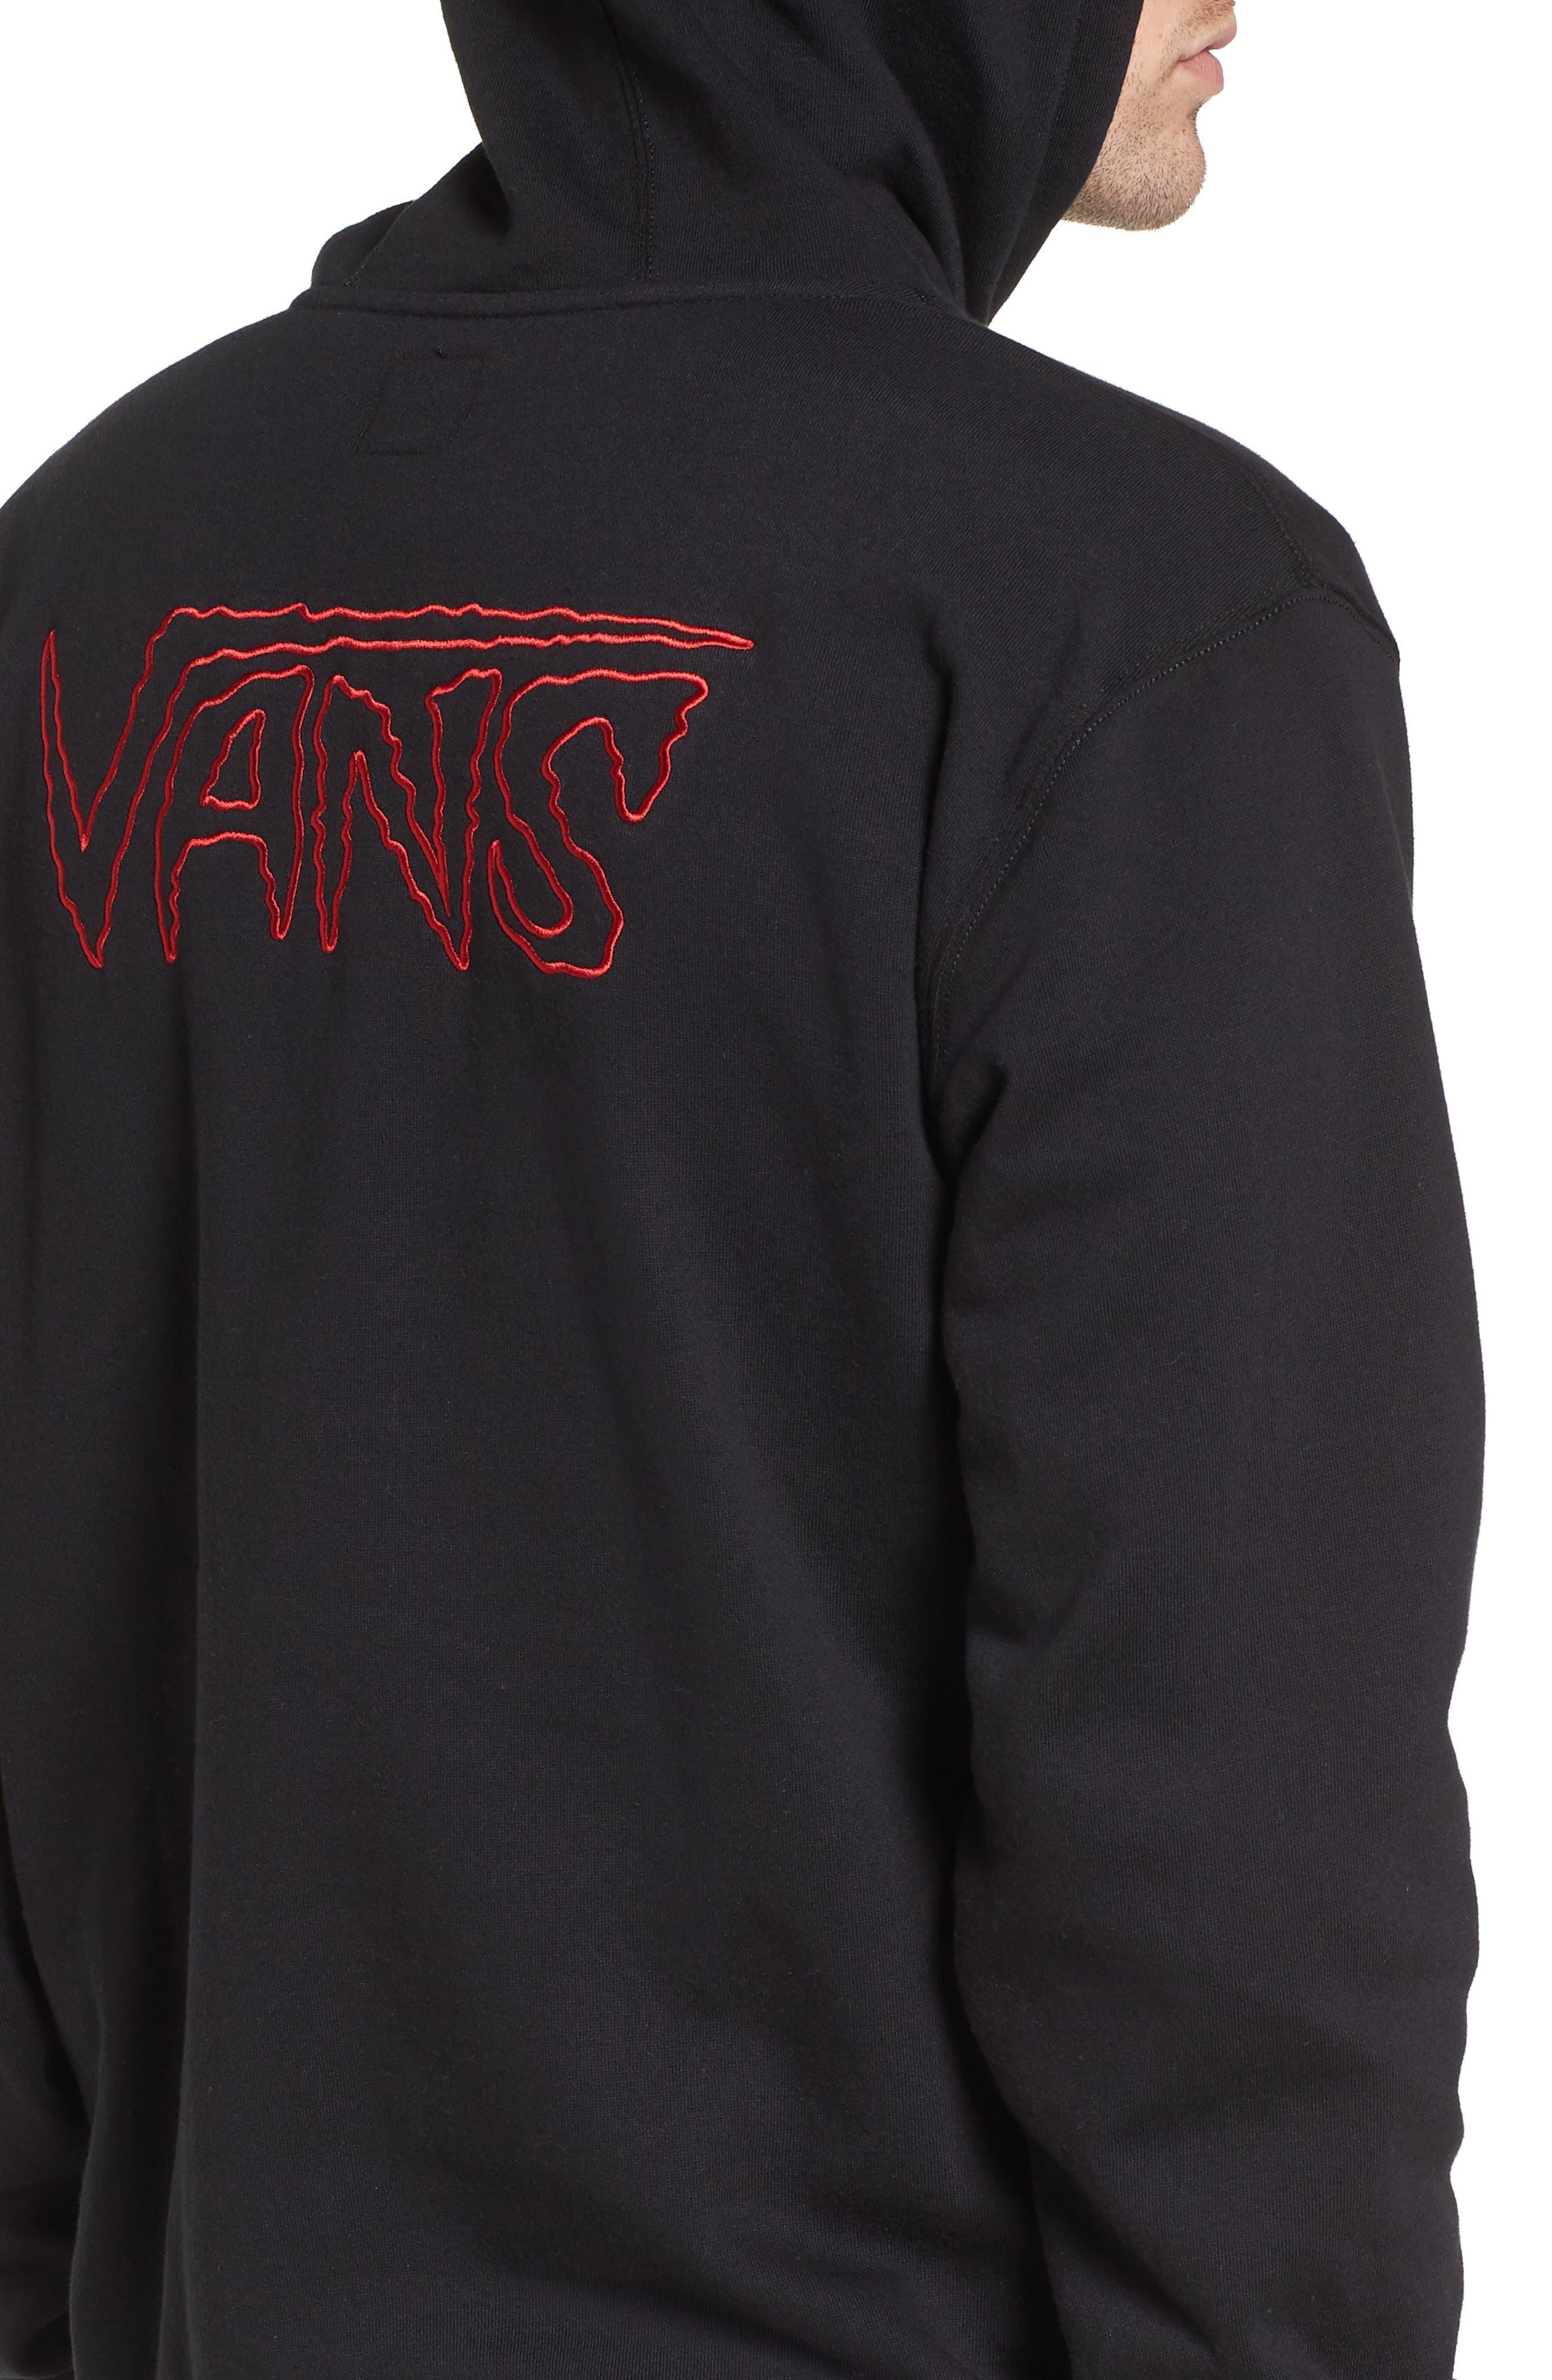 Sketch Tape Hoodie Sweatshirt,                             Alternate thumbnail 4, color,                             Black